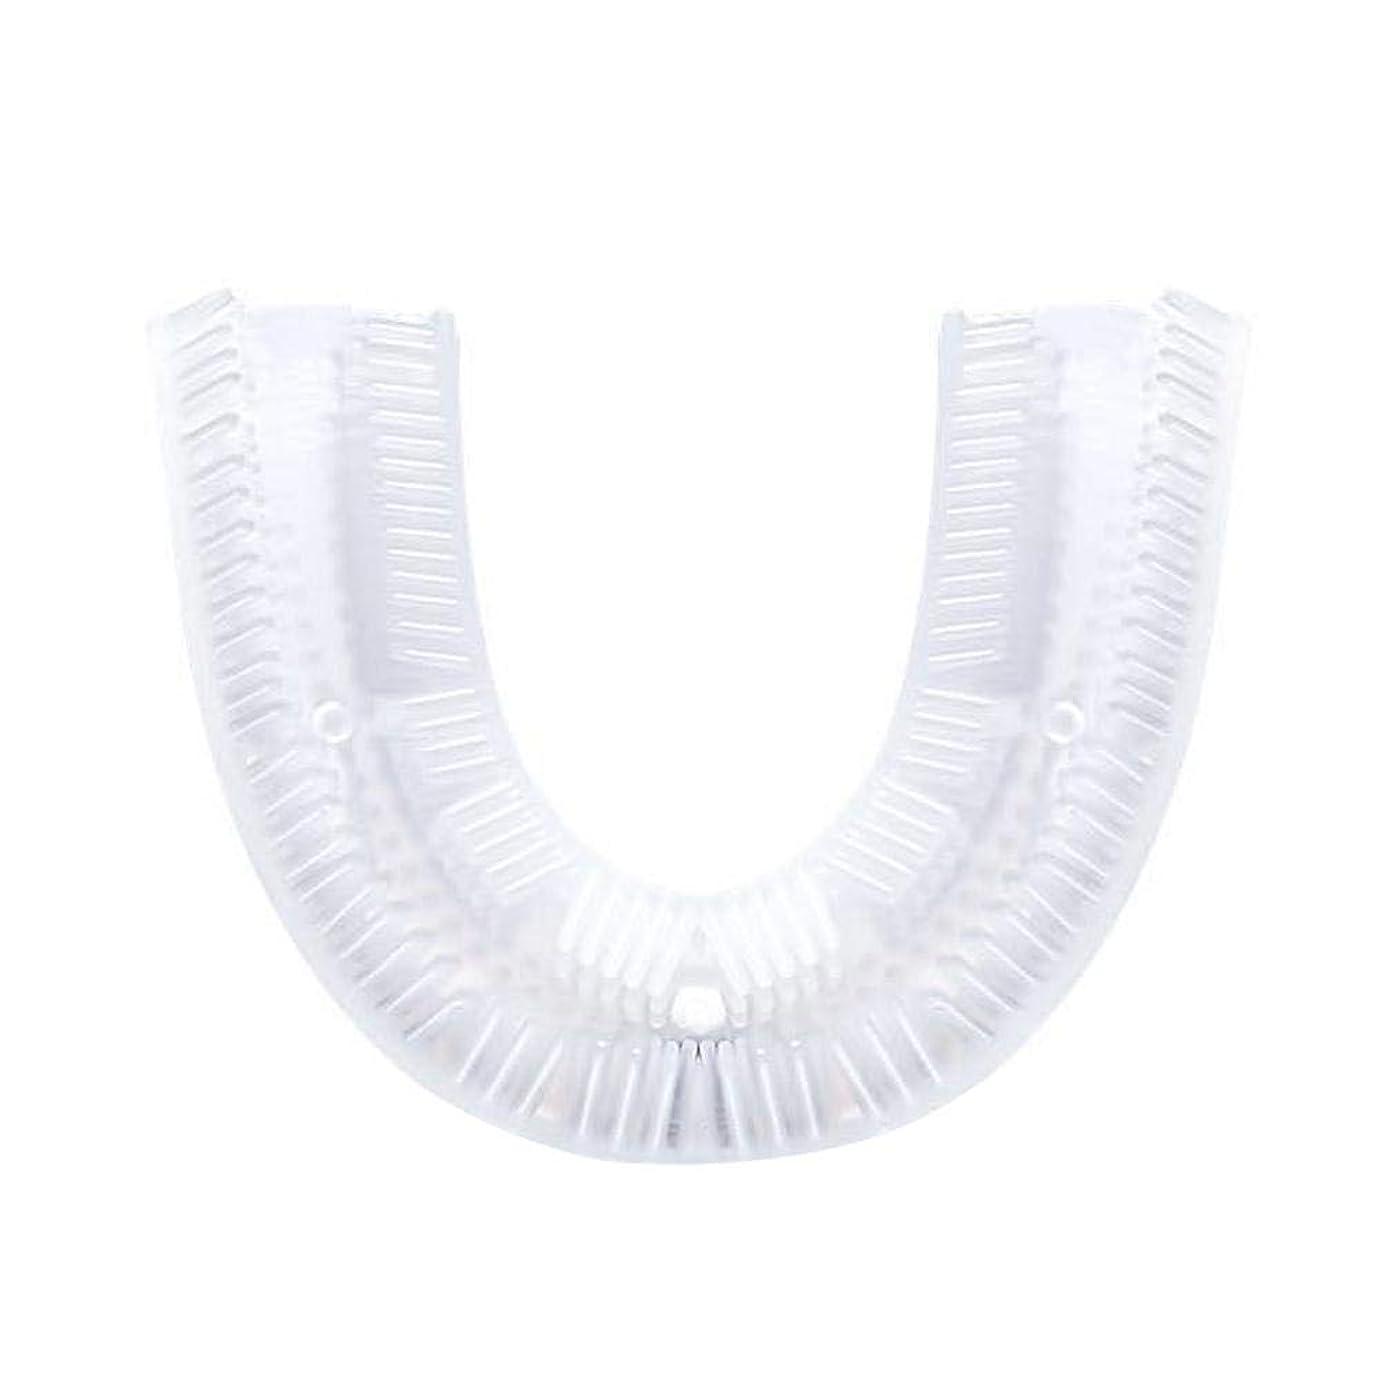 り農村ブラウス歯ブラシ電動、U字型シリコン歯ブラシ交換ヘッド、電動歯ブラシクリーニングブラシアクセサリー